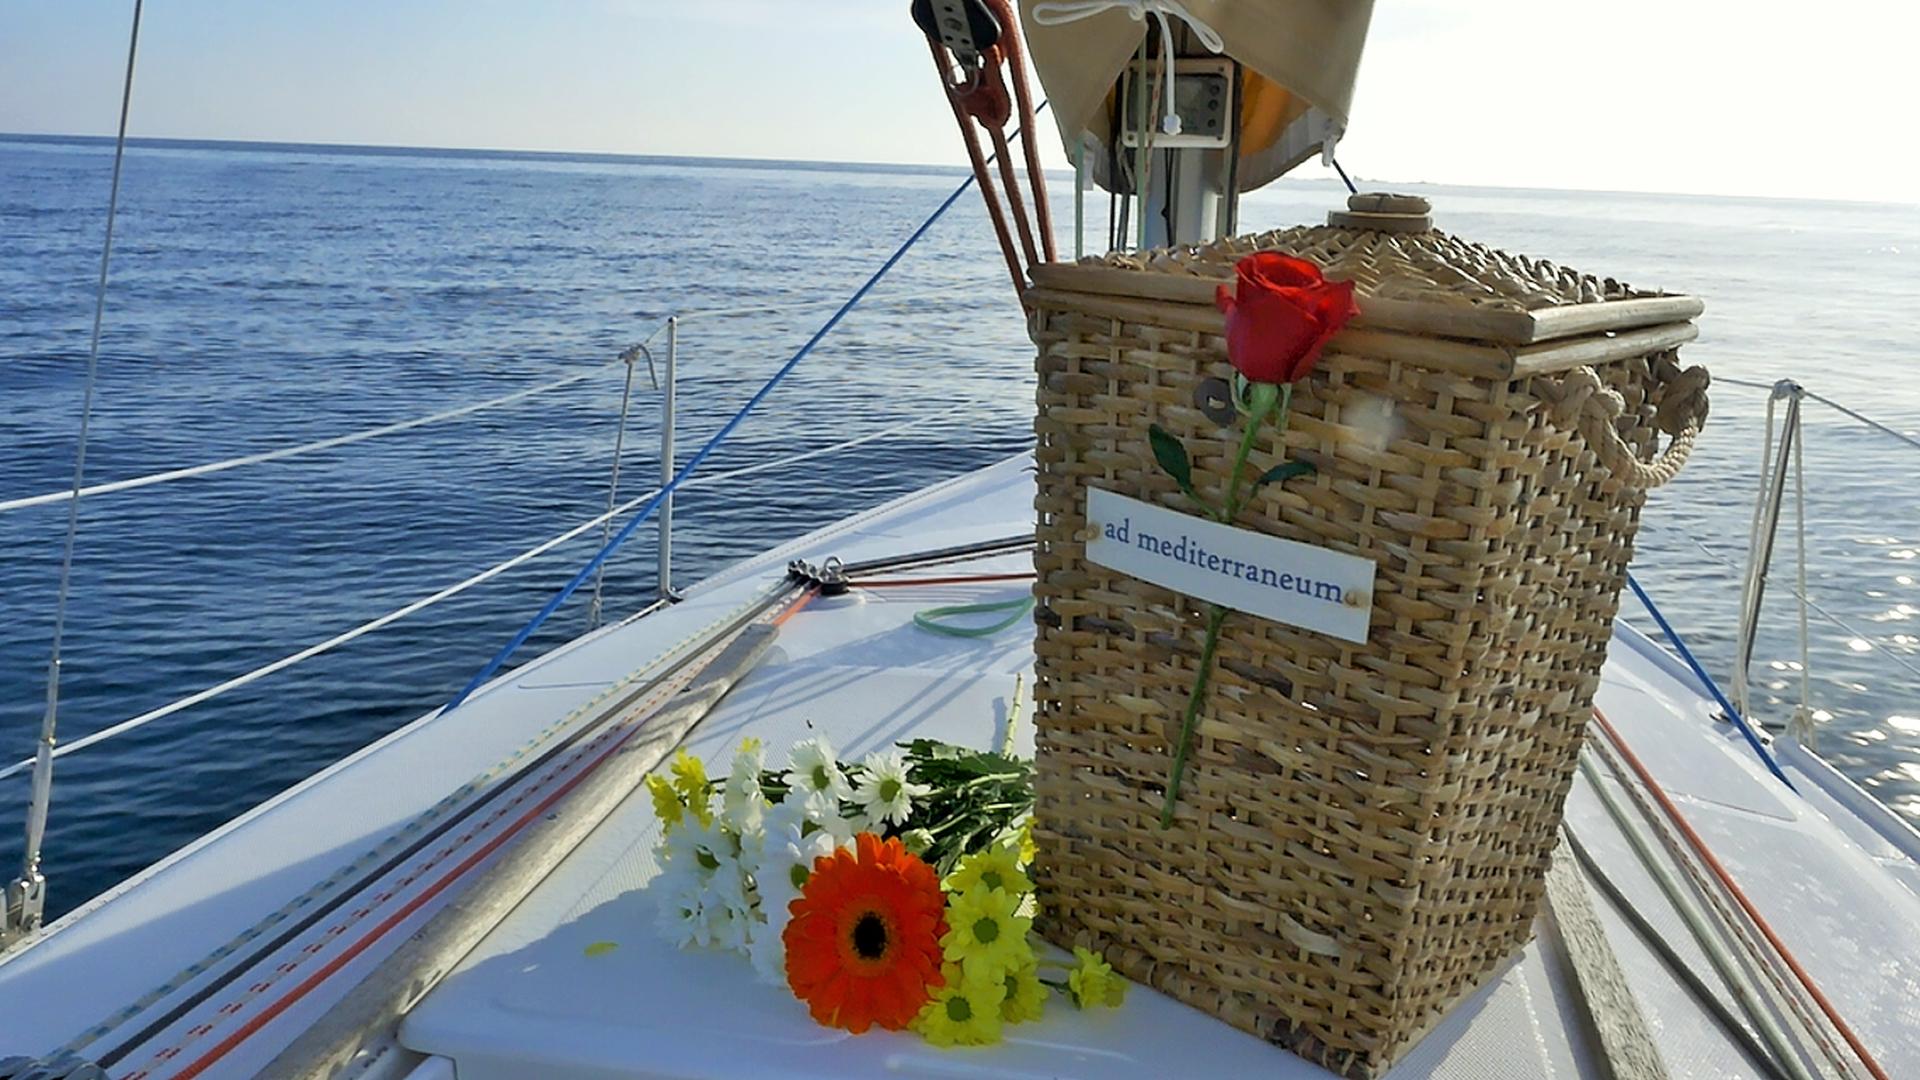 Letzte Reise: Wer sich dies wünschte, im Meer beigesetzt werden.